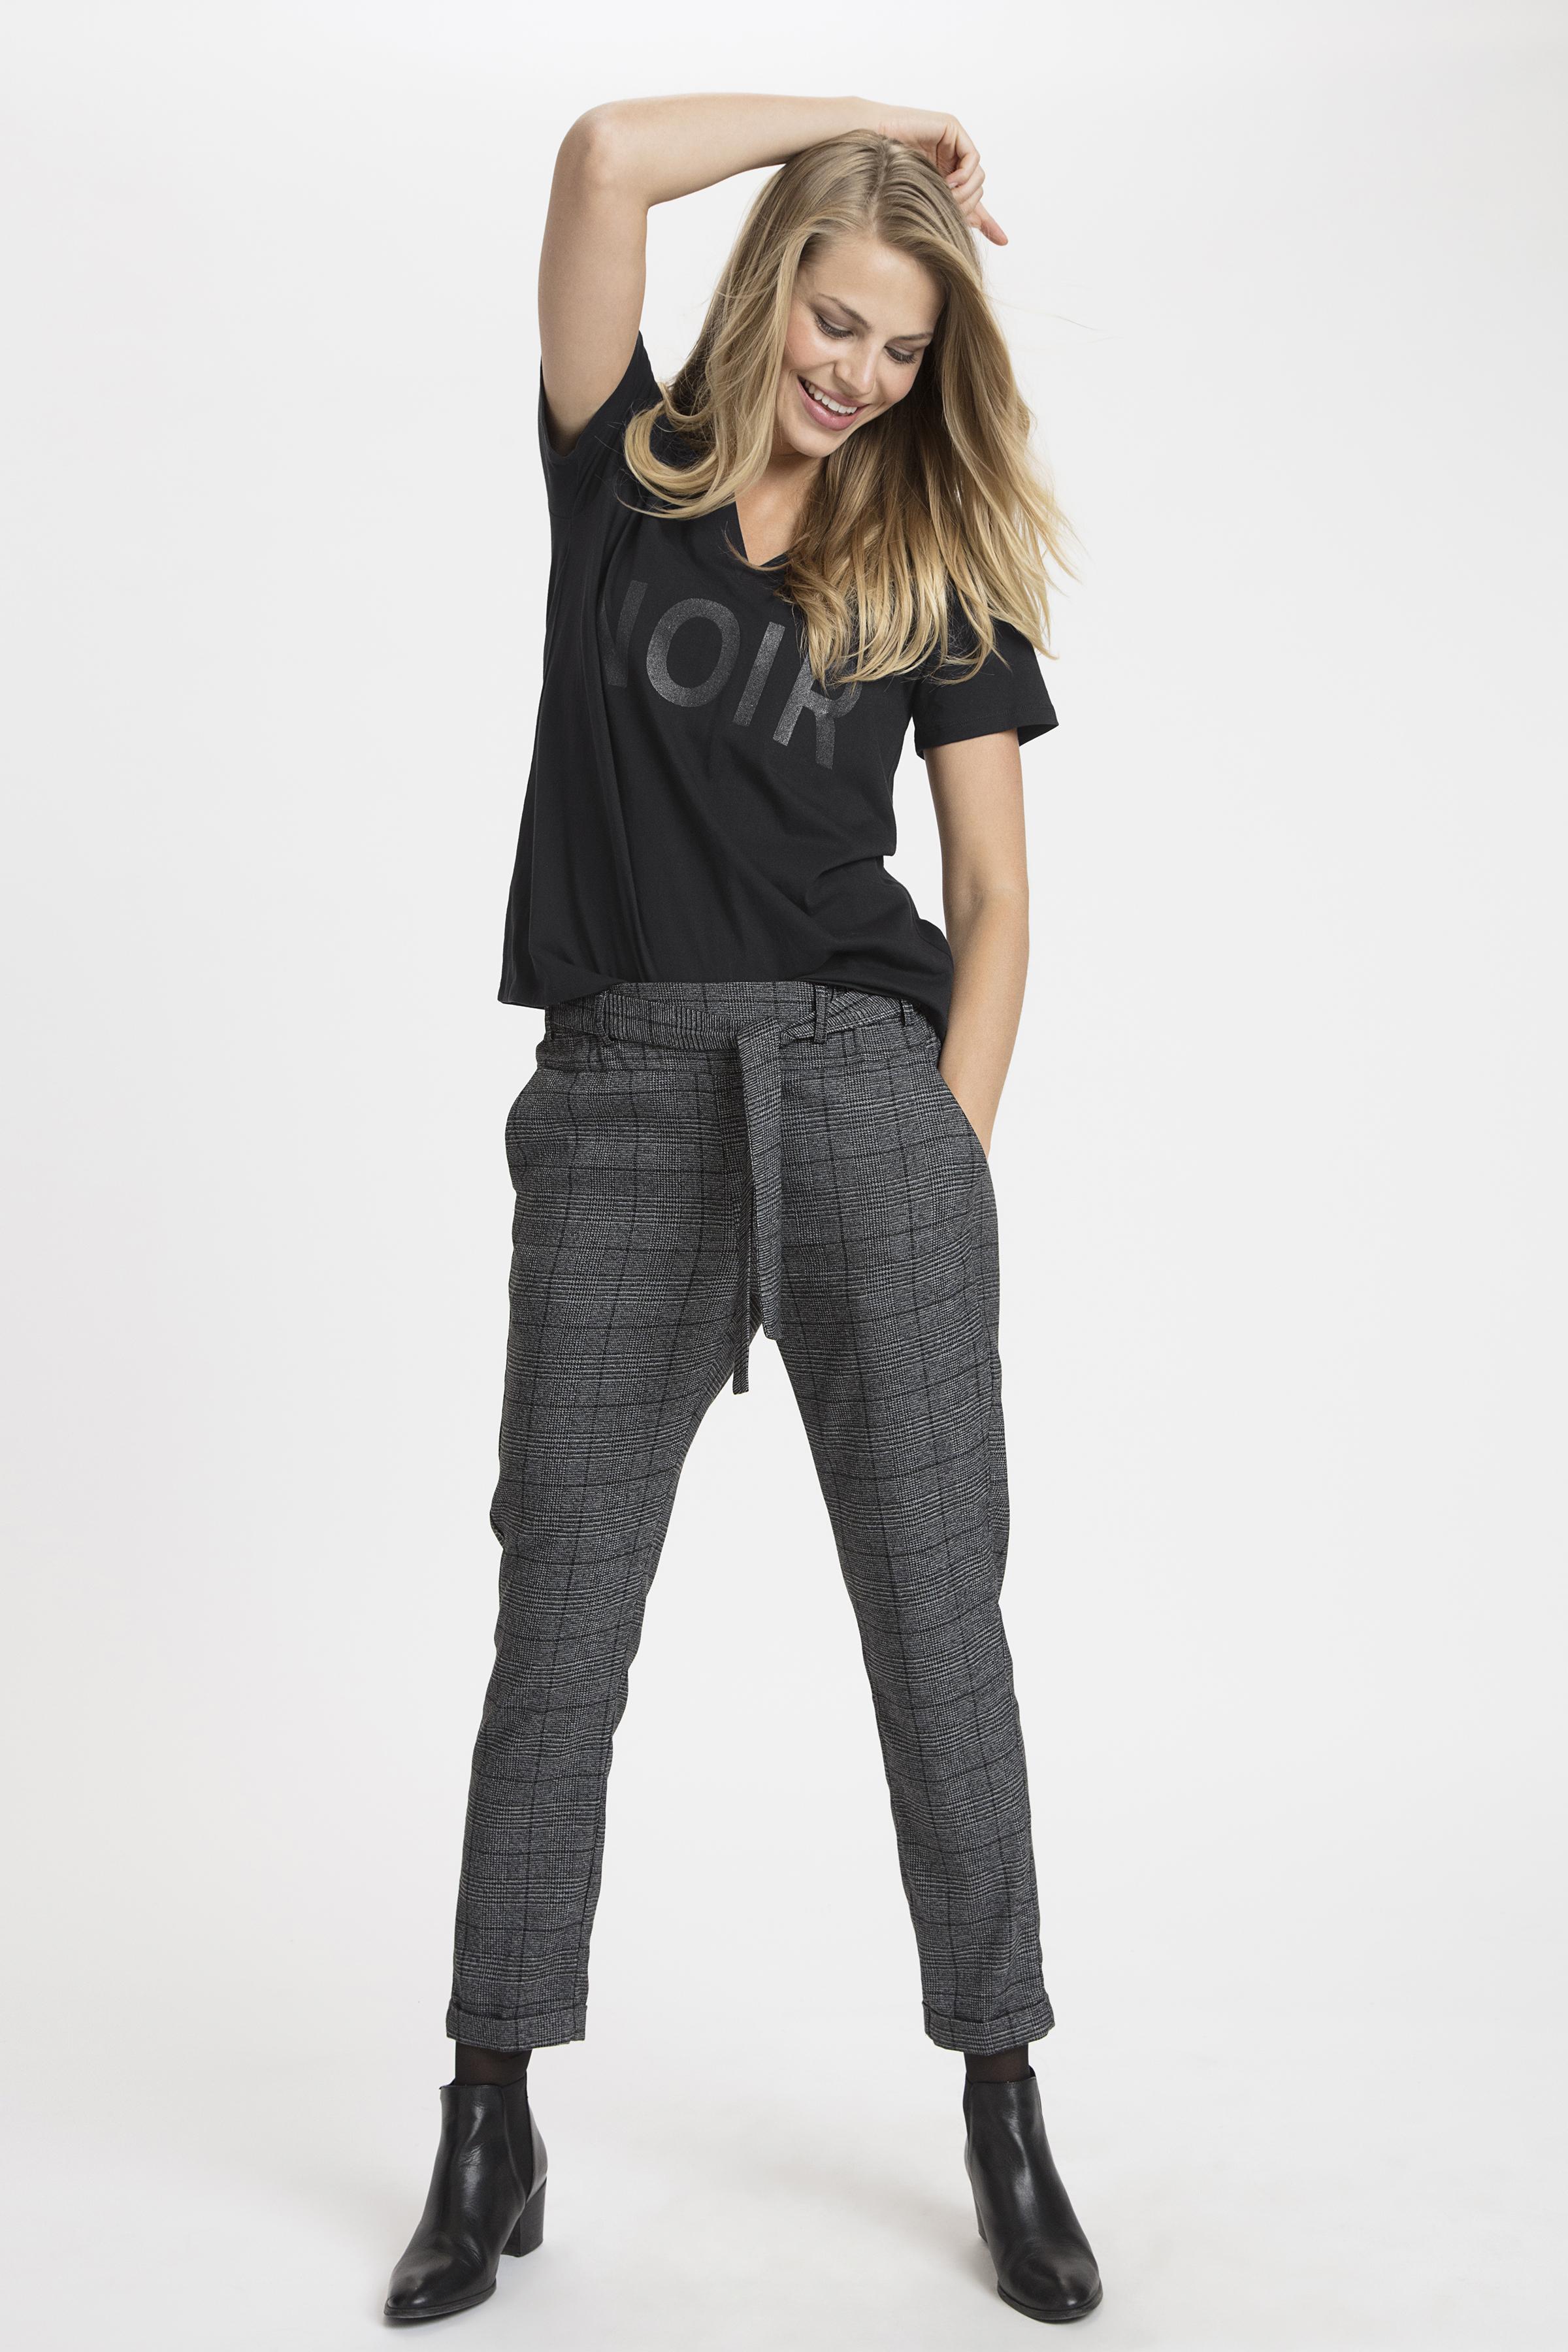 Schwarz Kurzarm T-Shirt von Dranella – Shoppen Sie Schwarz Kurzarm T-Shirt ab Gr. XS-XXL hier